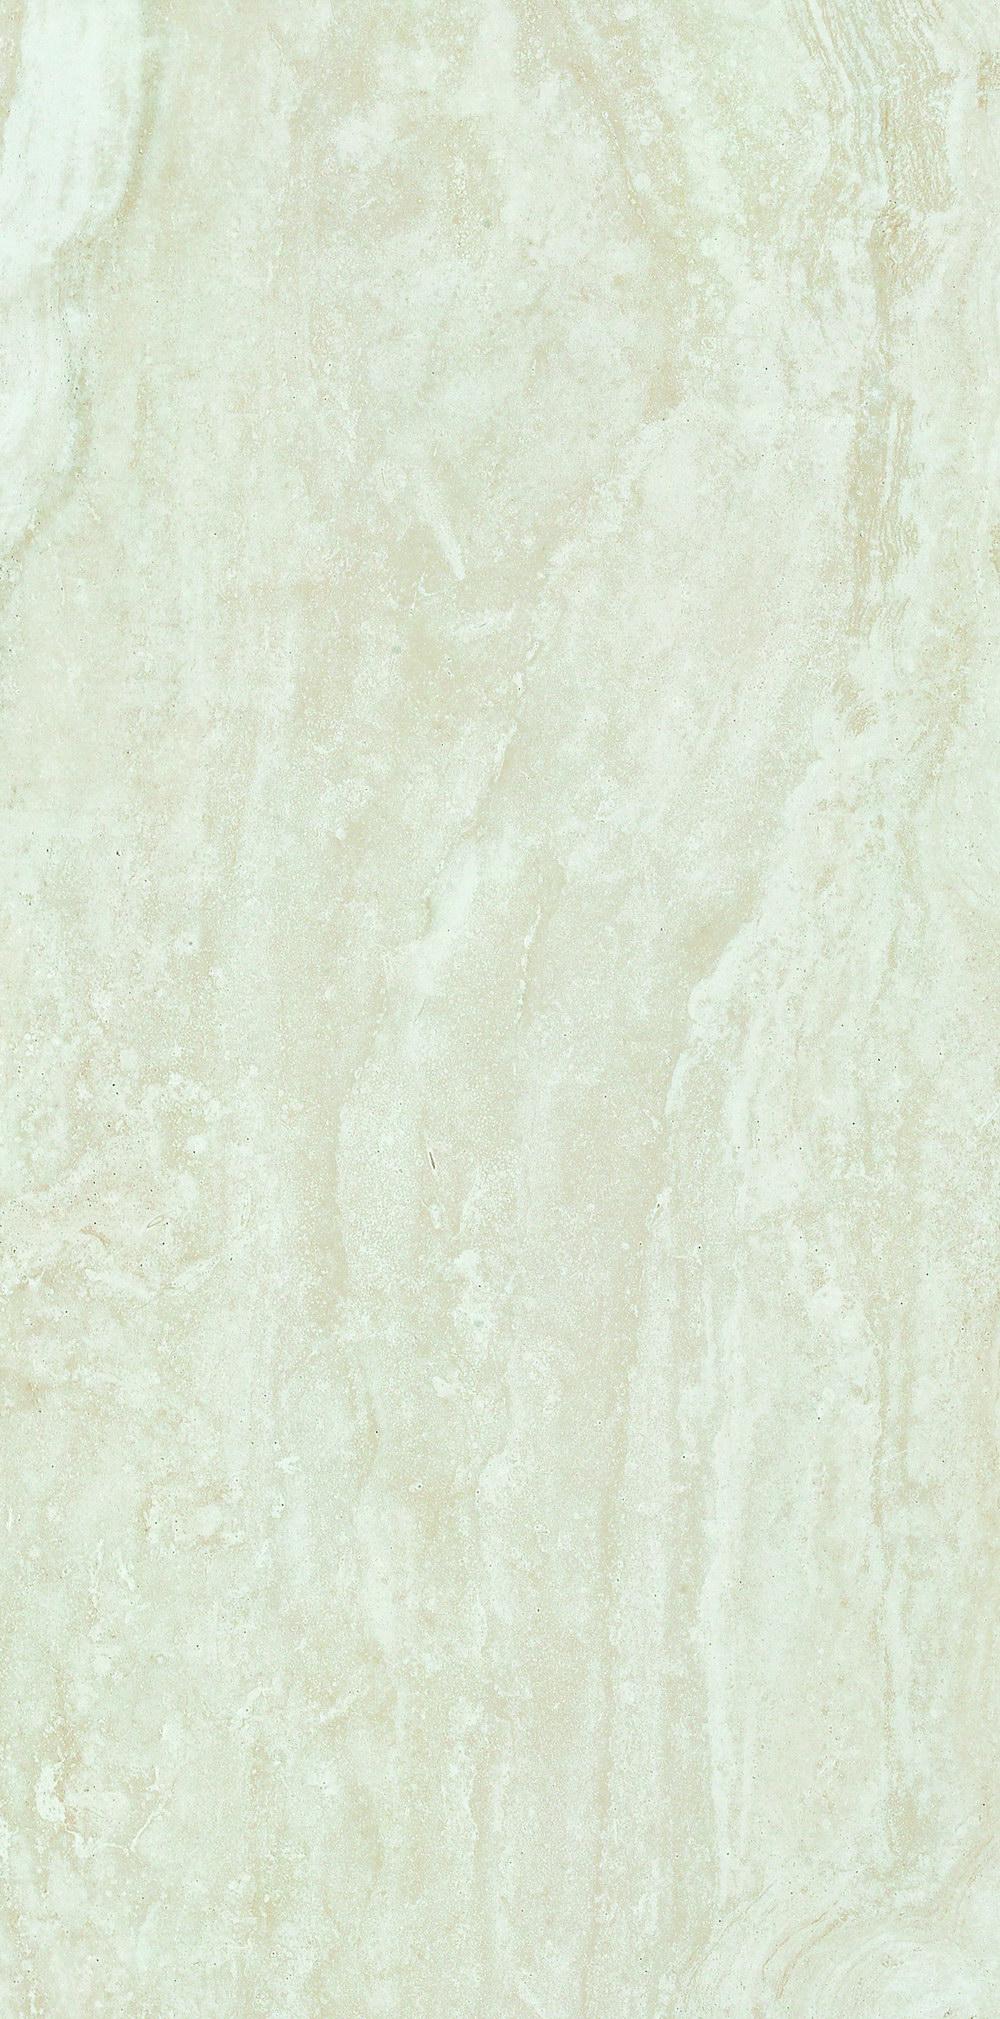 罗马白洞石HPG84037(800x400mm)